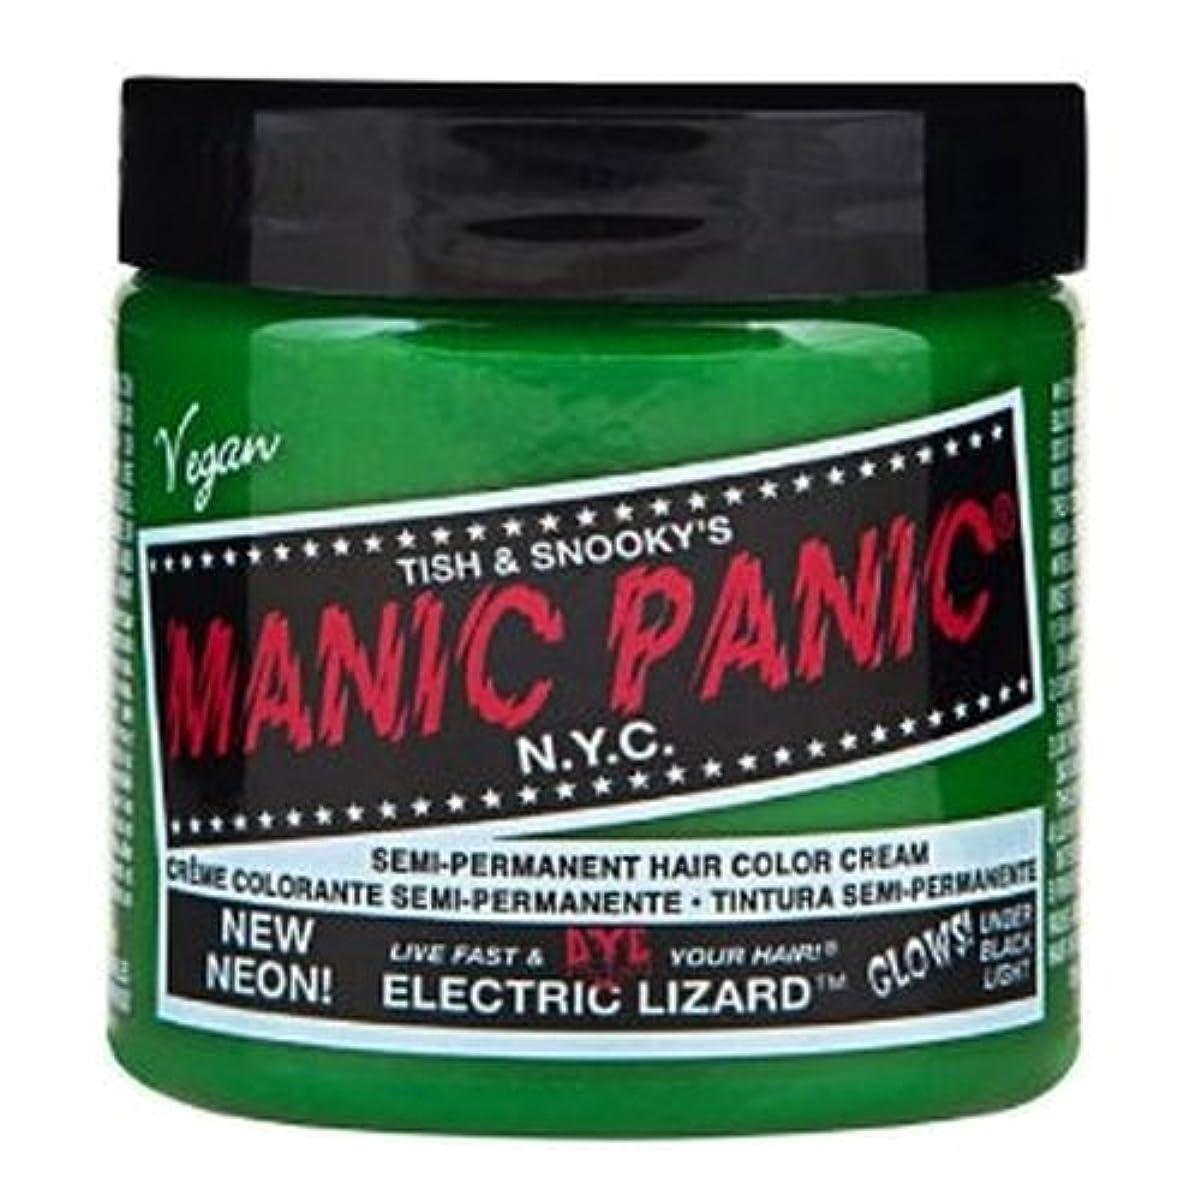 壁紙同一の道路マニックパニック カラークリーム エレクトリックリザード